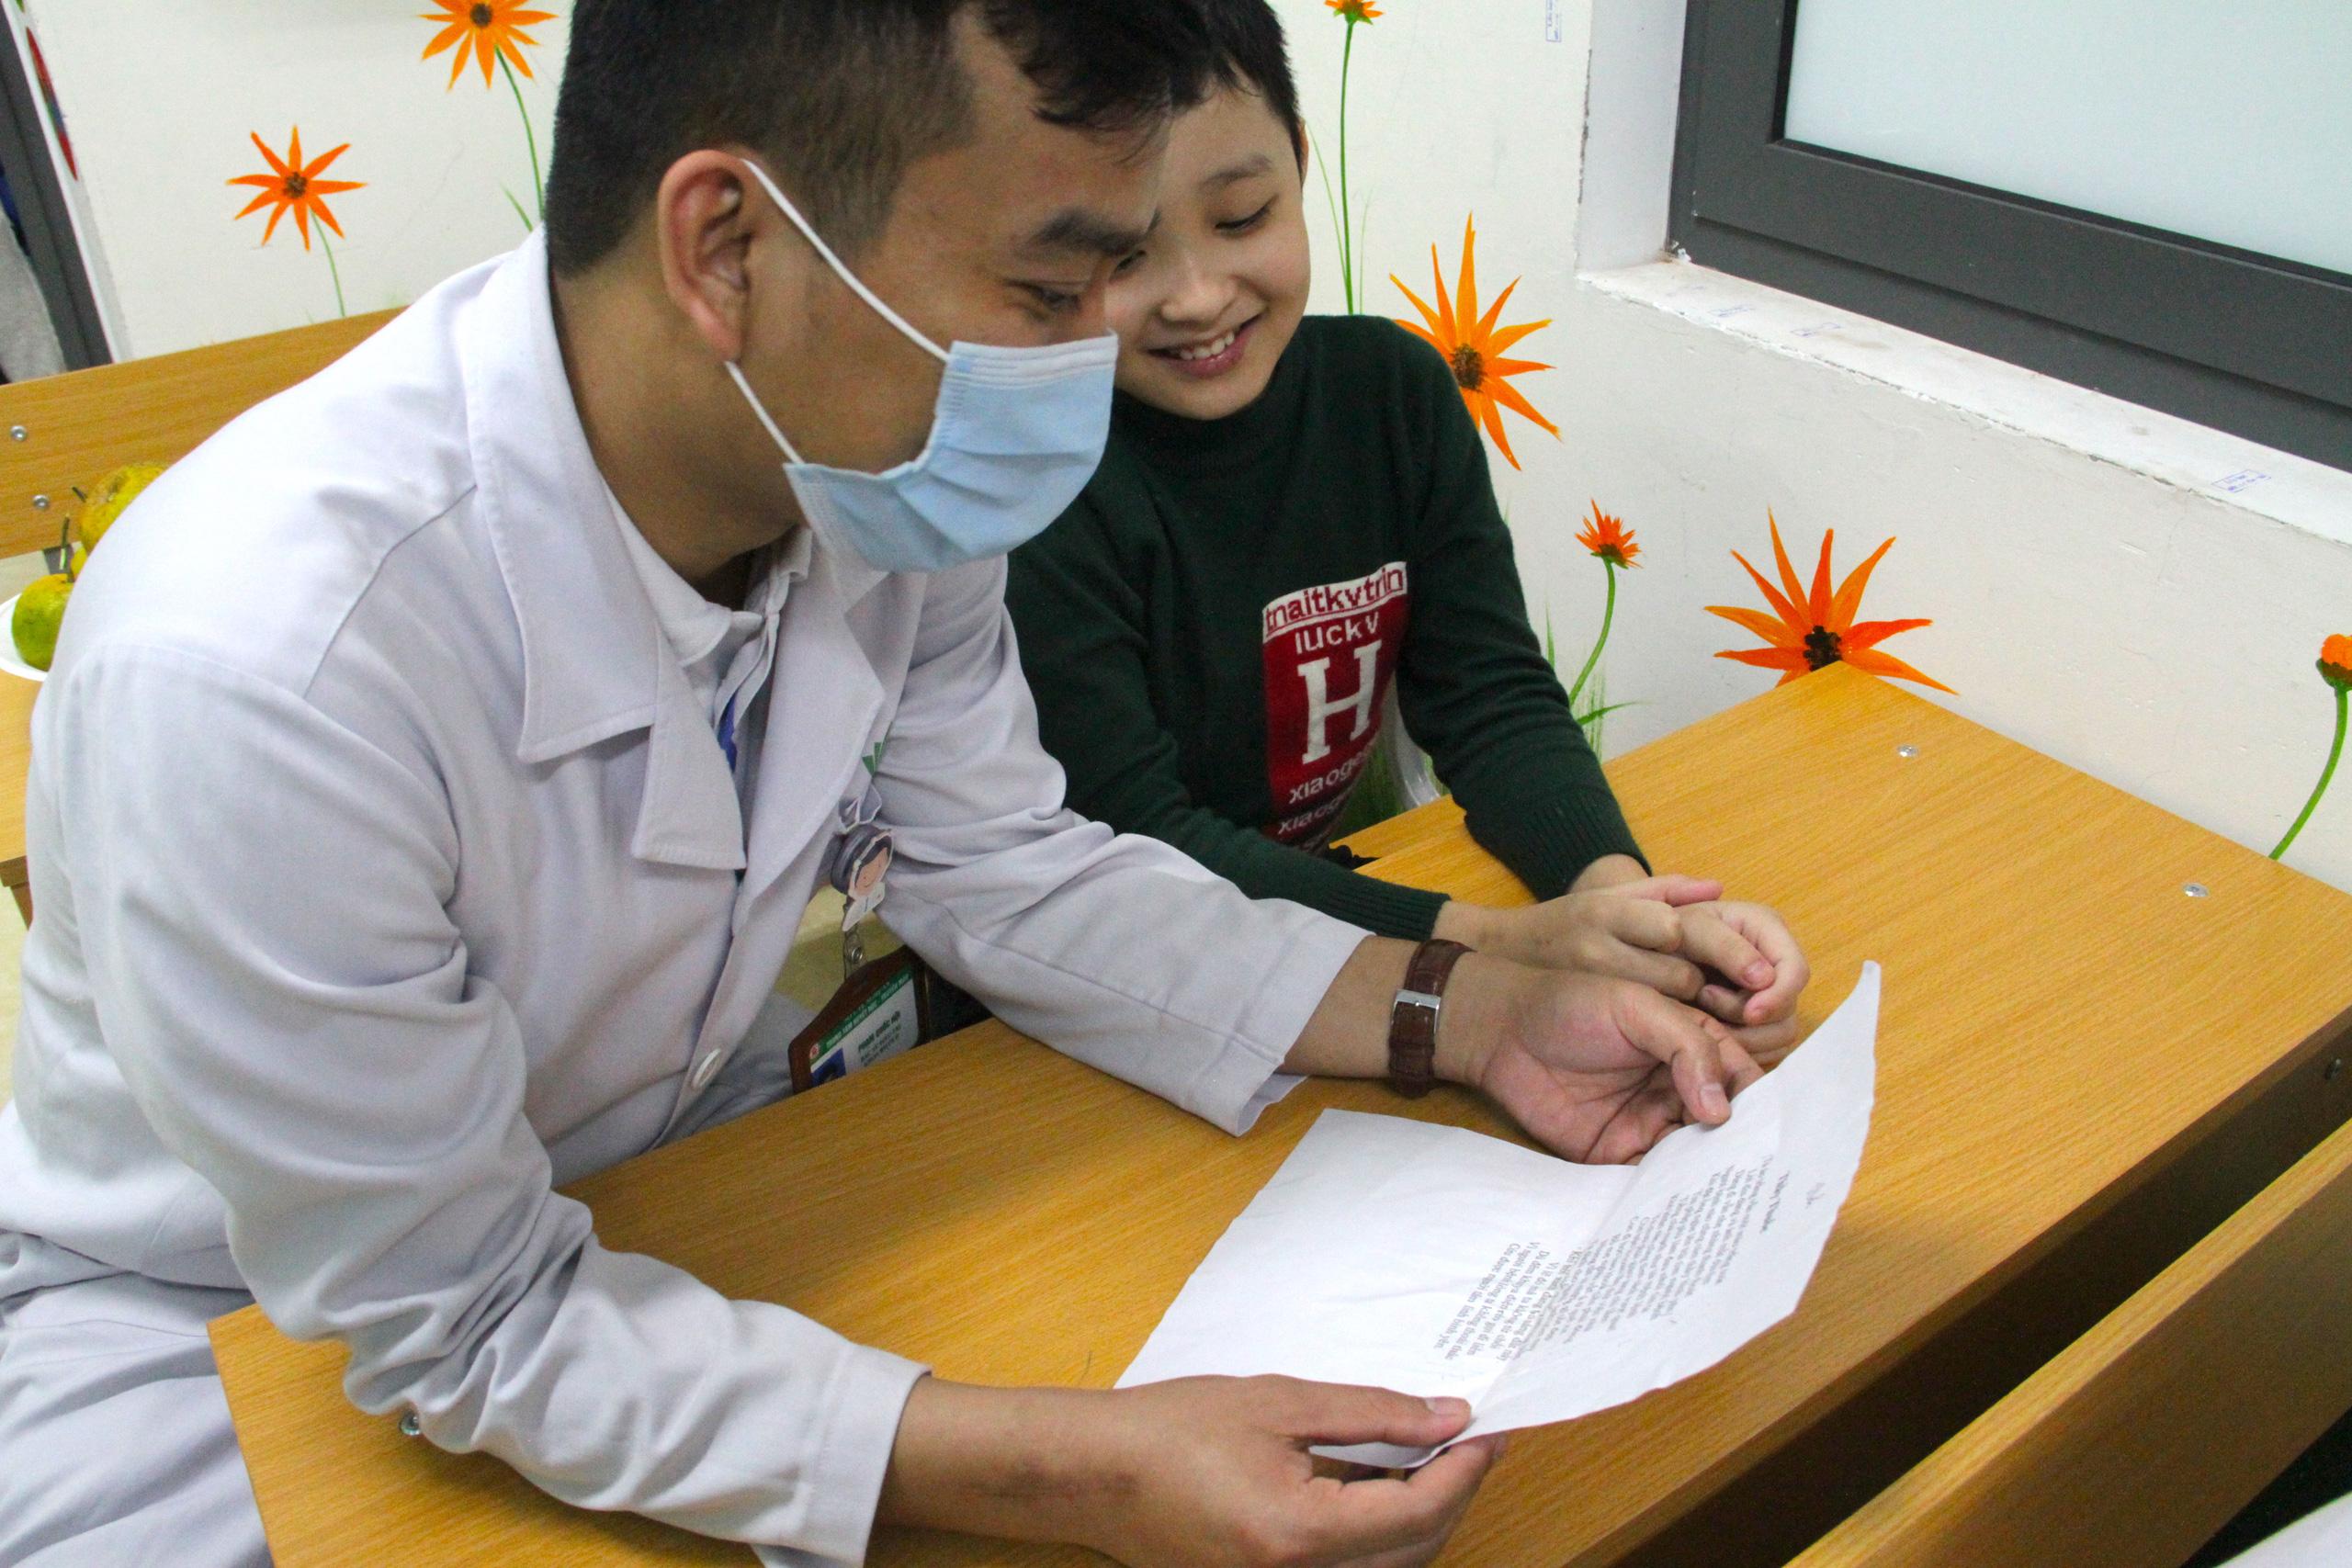 Lớp học đặc biệt trong trung tâm truyền máu, thầy cô là những người khoác áo blouse trắng - Ảnh 5.